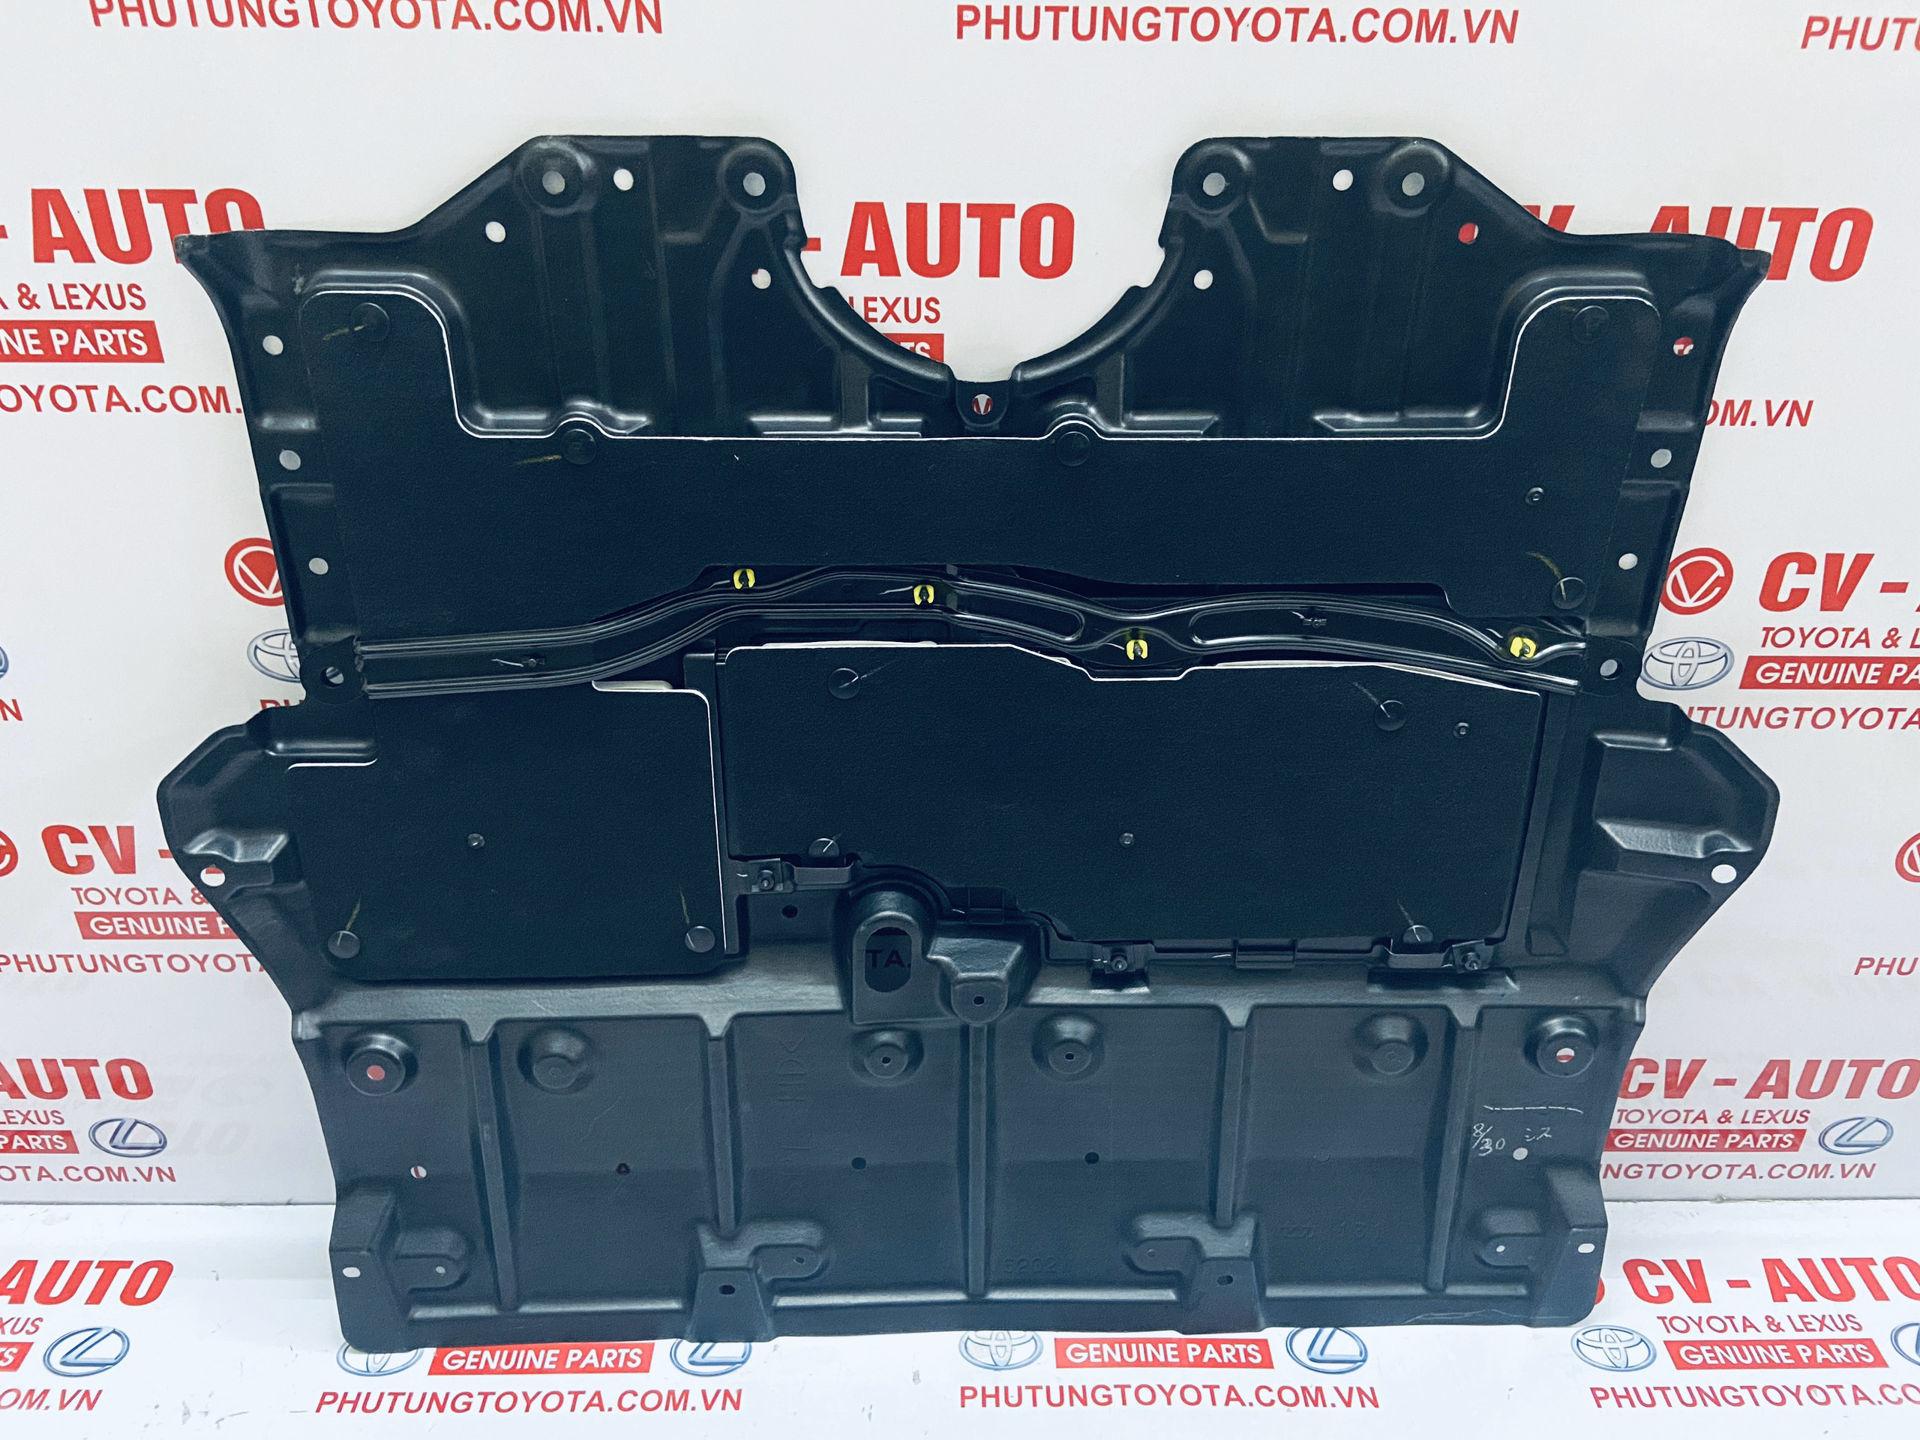 Picture of 51410-30161 Chắn bùn gầm máy Lexus GS300, GS350 hàng chính hãng